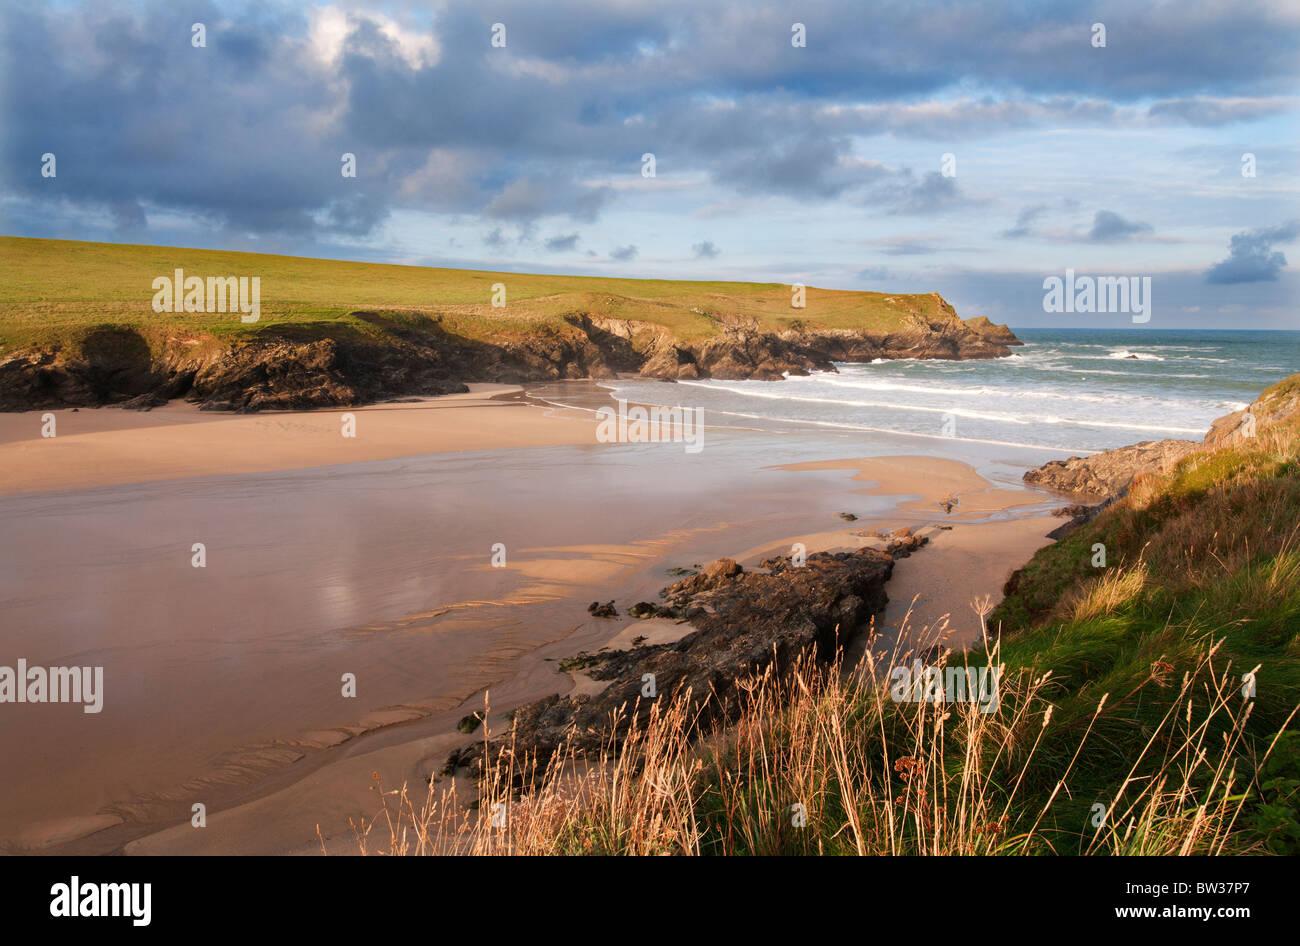 Une plage déserte à Porth (Polly) blague sur la côte nord des Cornouailles entre Crantock et baie Photo Stock